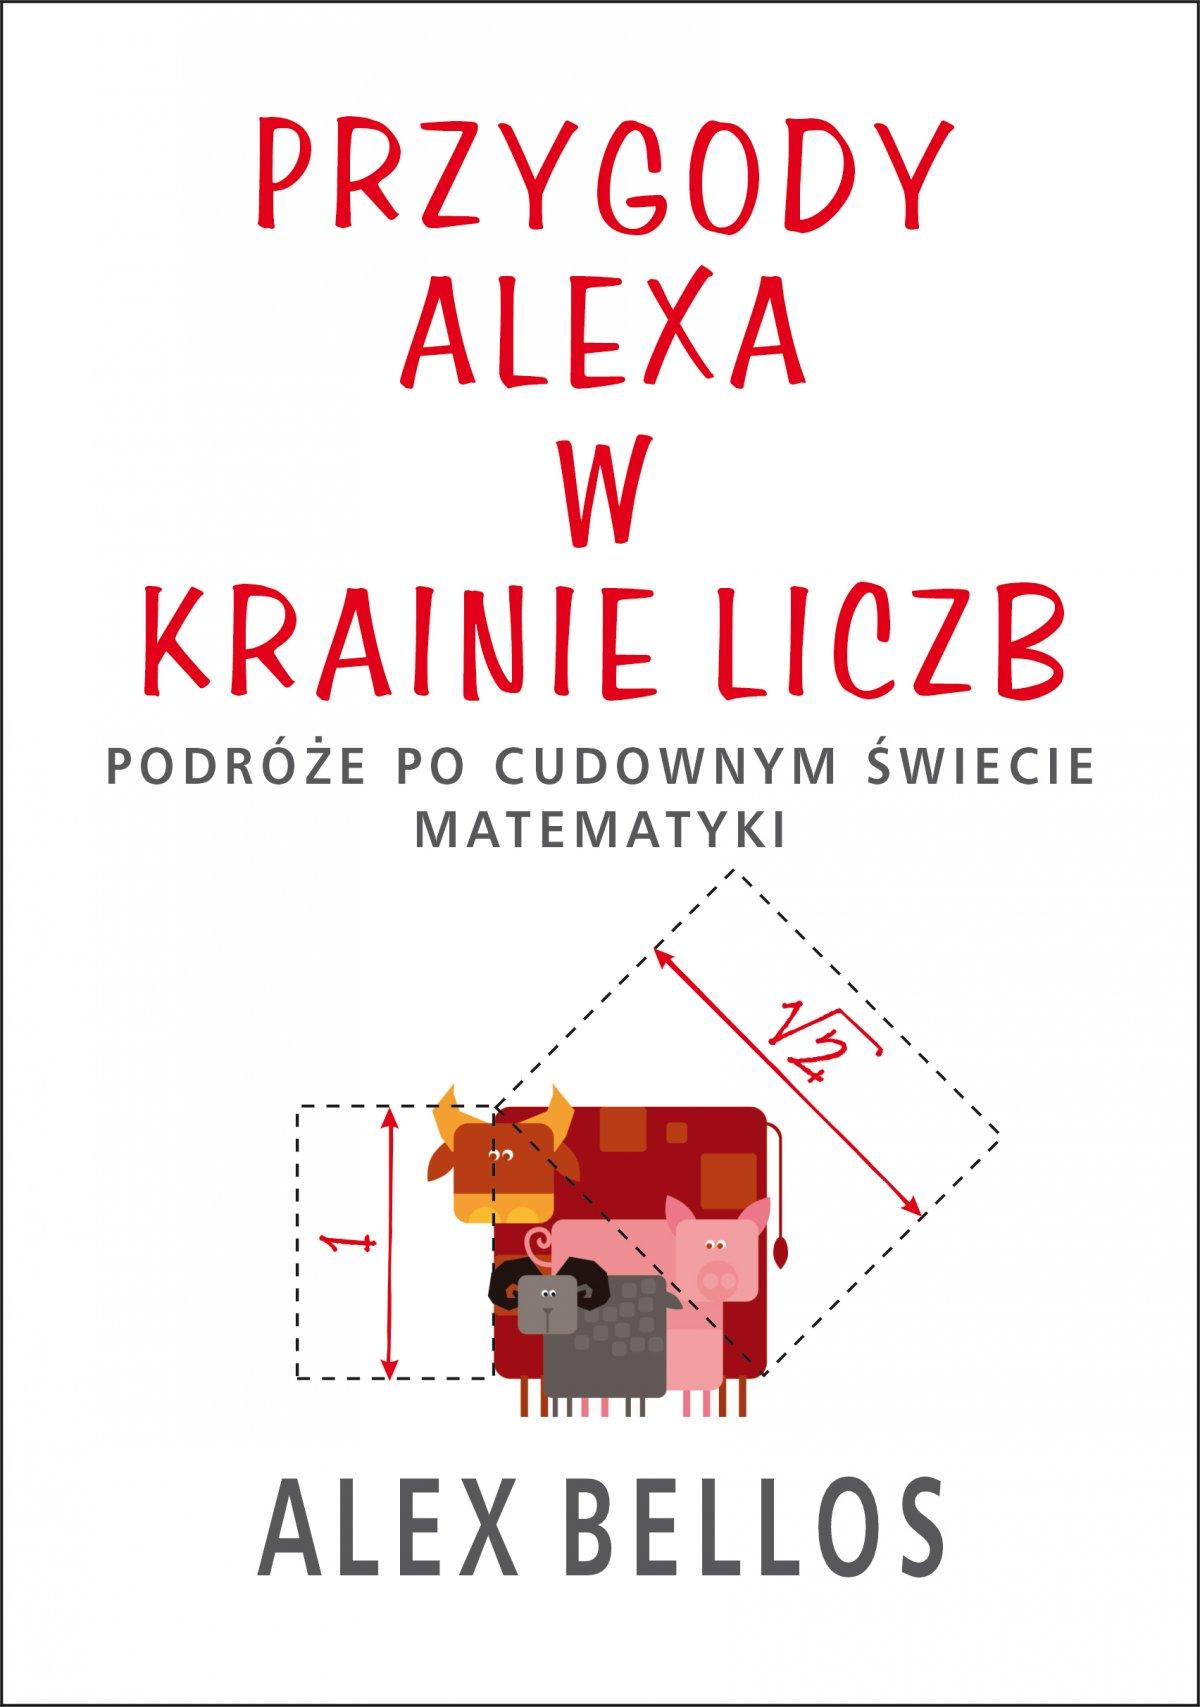 Przygody Alexa w Krainie Liczb - Ebook (Książka EPUB) do pobrania w formacie EPUB